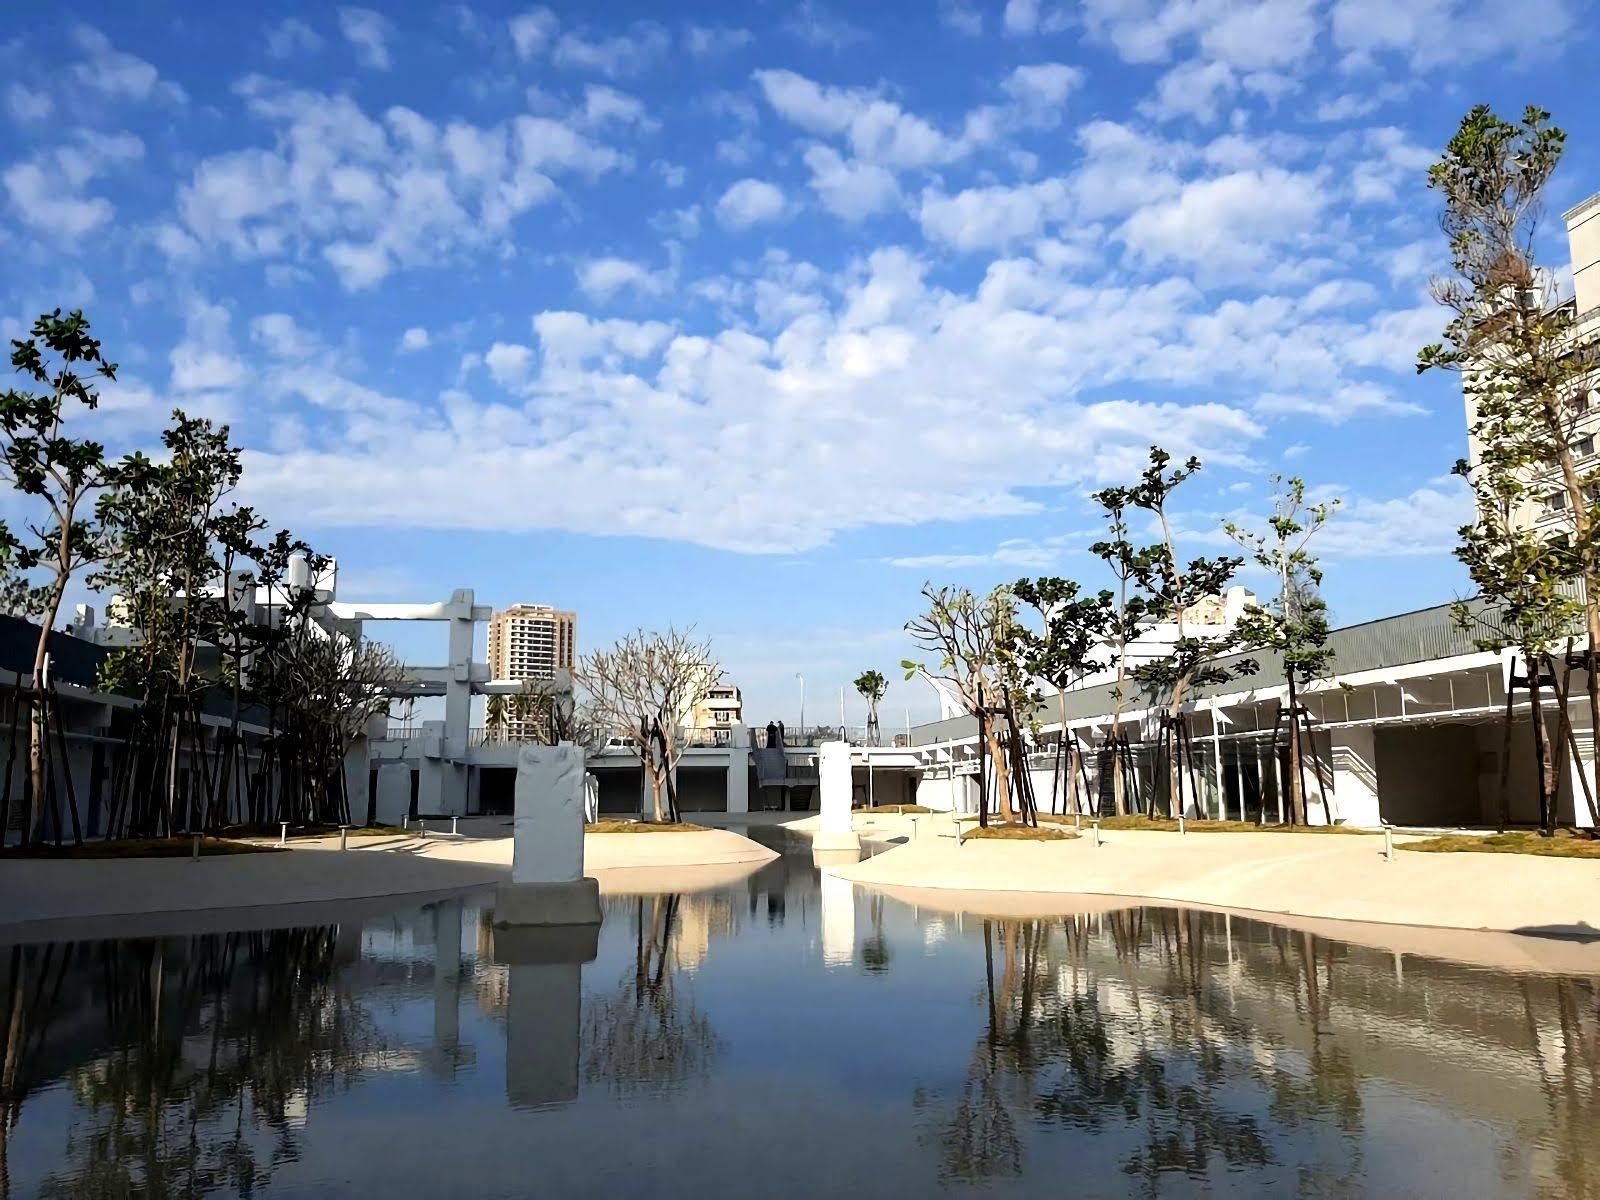 中國城變身潟湖親水公園|河樂廣場3/7正式開幕啟用|日拍夜拍都美